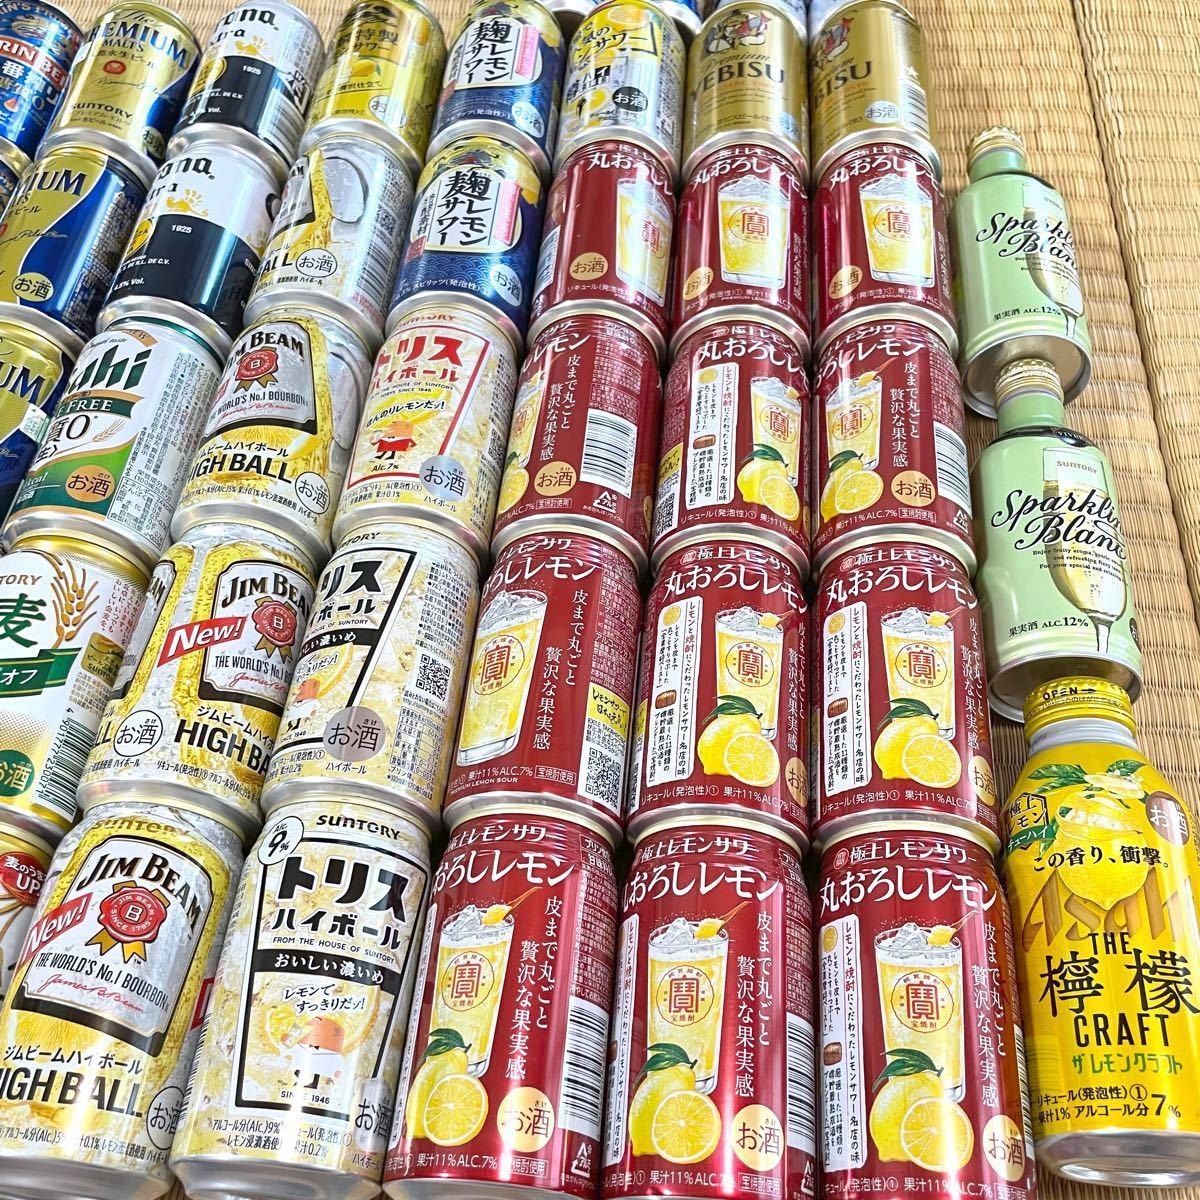 ビール ハイボール 発泡酒 レモンサワー チューハイ 日本酒 ワイン スパークリング 酒 一番搾り プレモル エビス